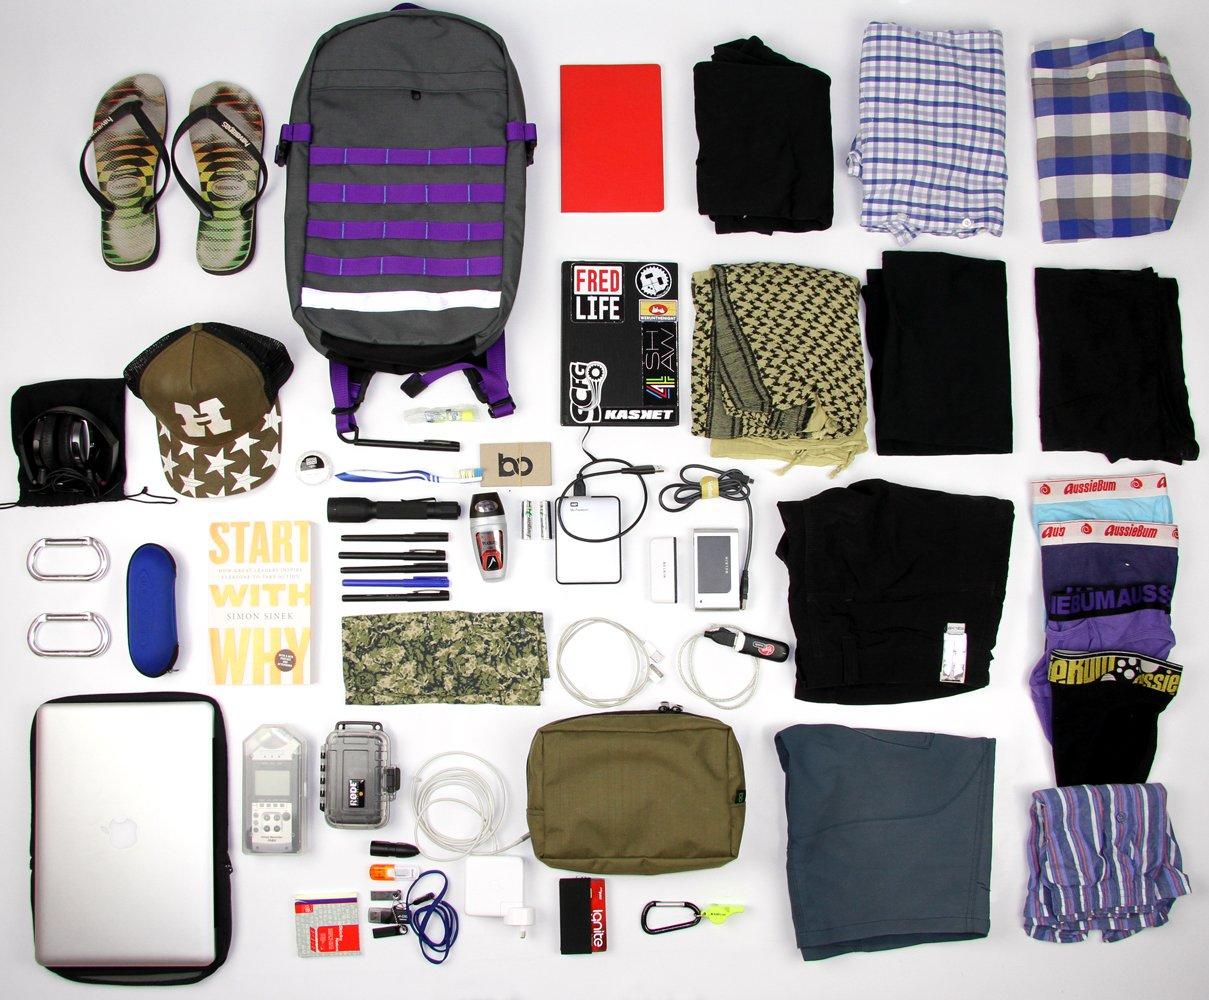 Kinh nghiệm chuẩn bị đồ đi du lịch châu Âu, nước ngoài ...